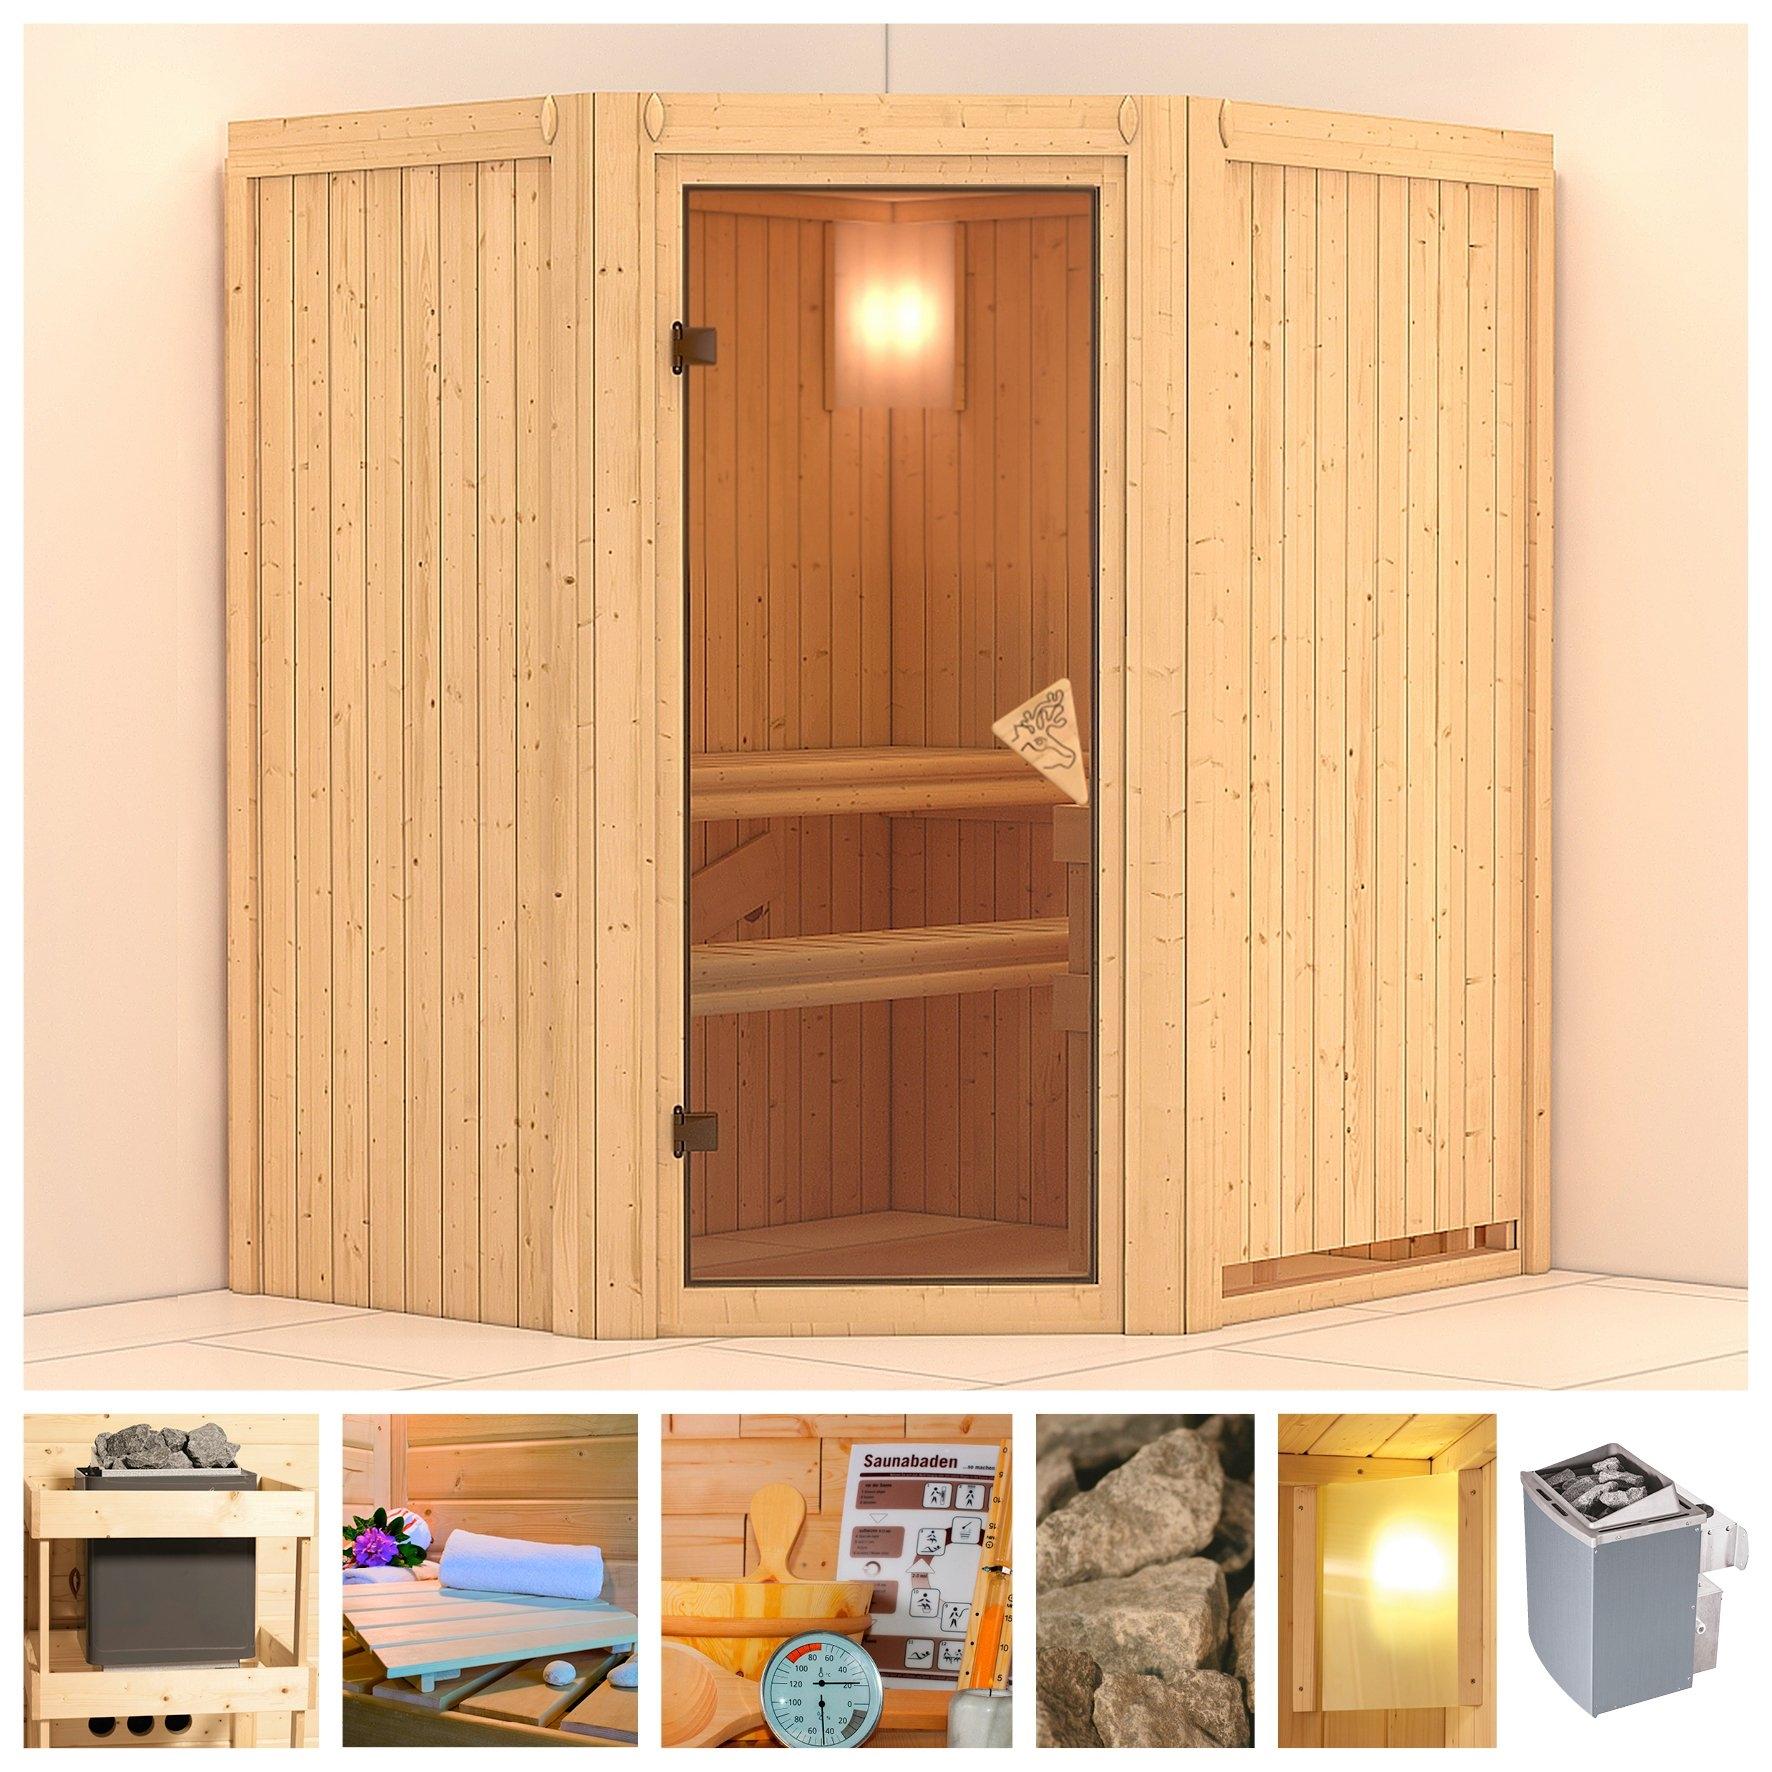 KONIFERA sauna »Taurin«, 170/151/202 cm, 68 mm, 9-kW-Ofen mit int. Steuerung veilig op otto.nl kopen